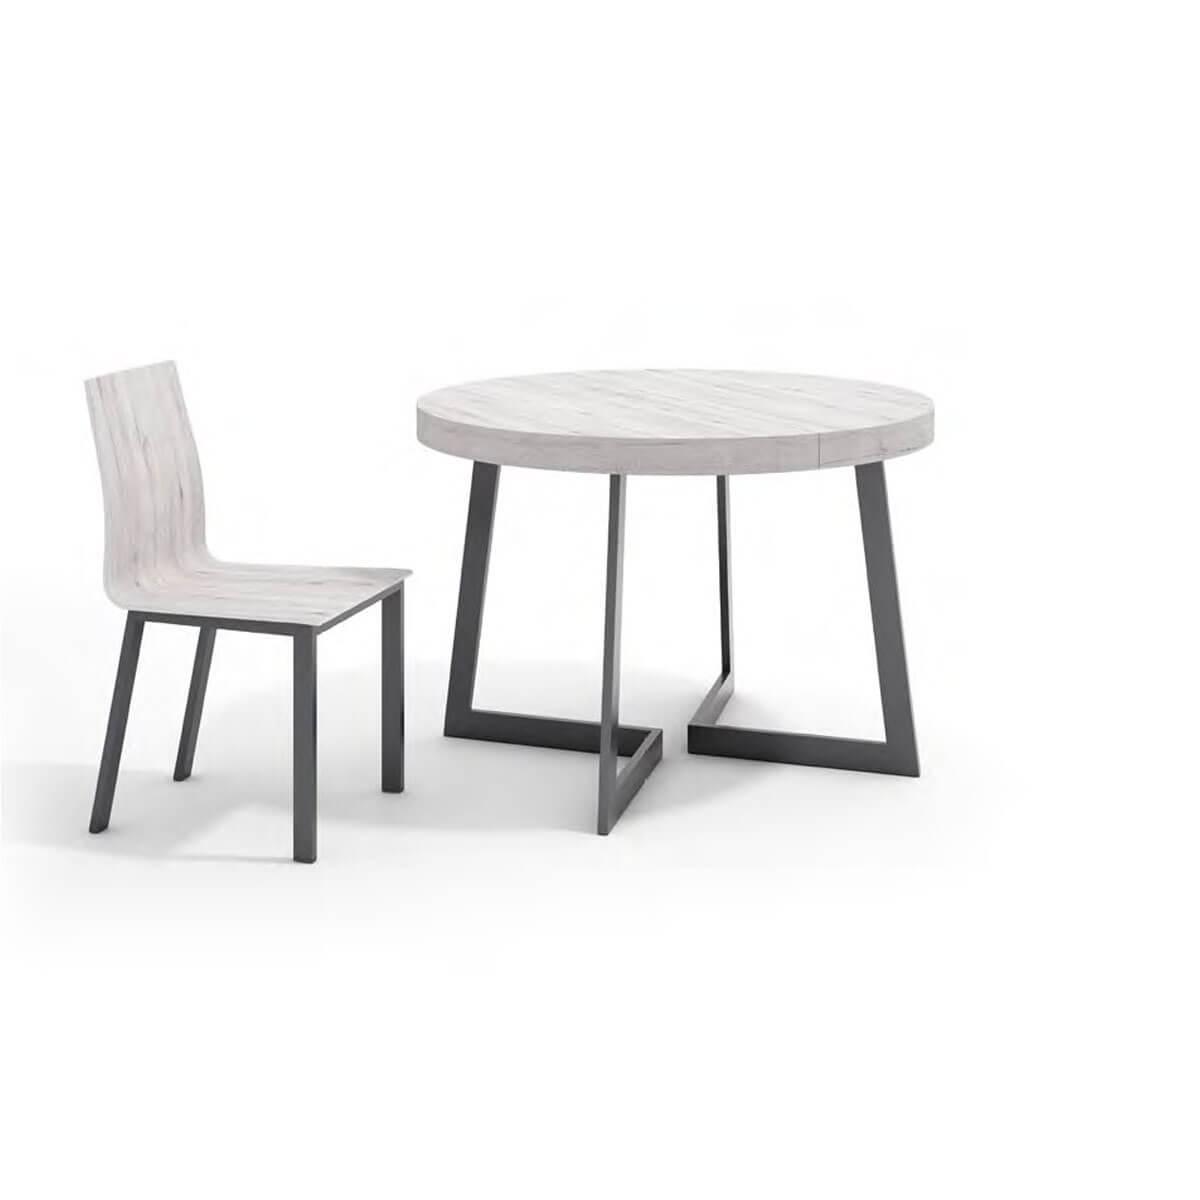 Mesa redonda extensible 110 - 60cm. Compra mesas exensibles